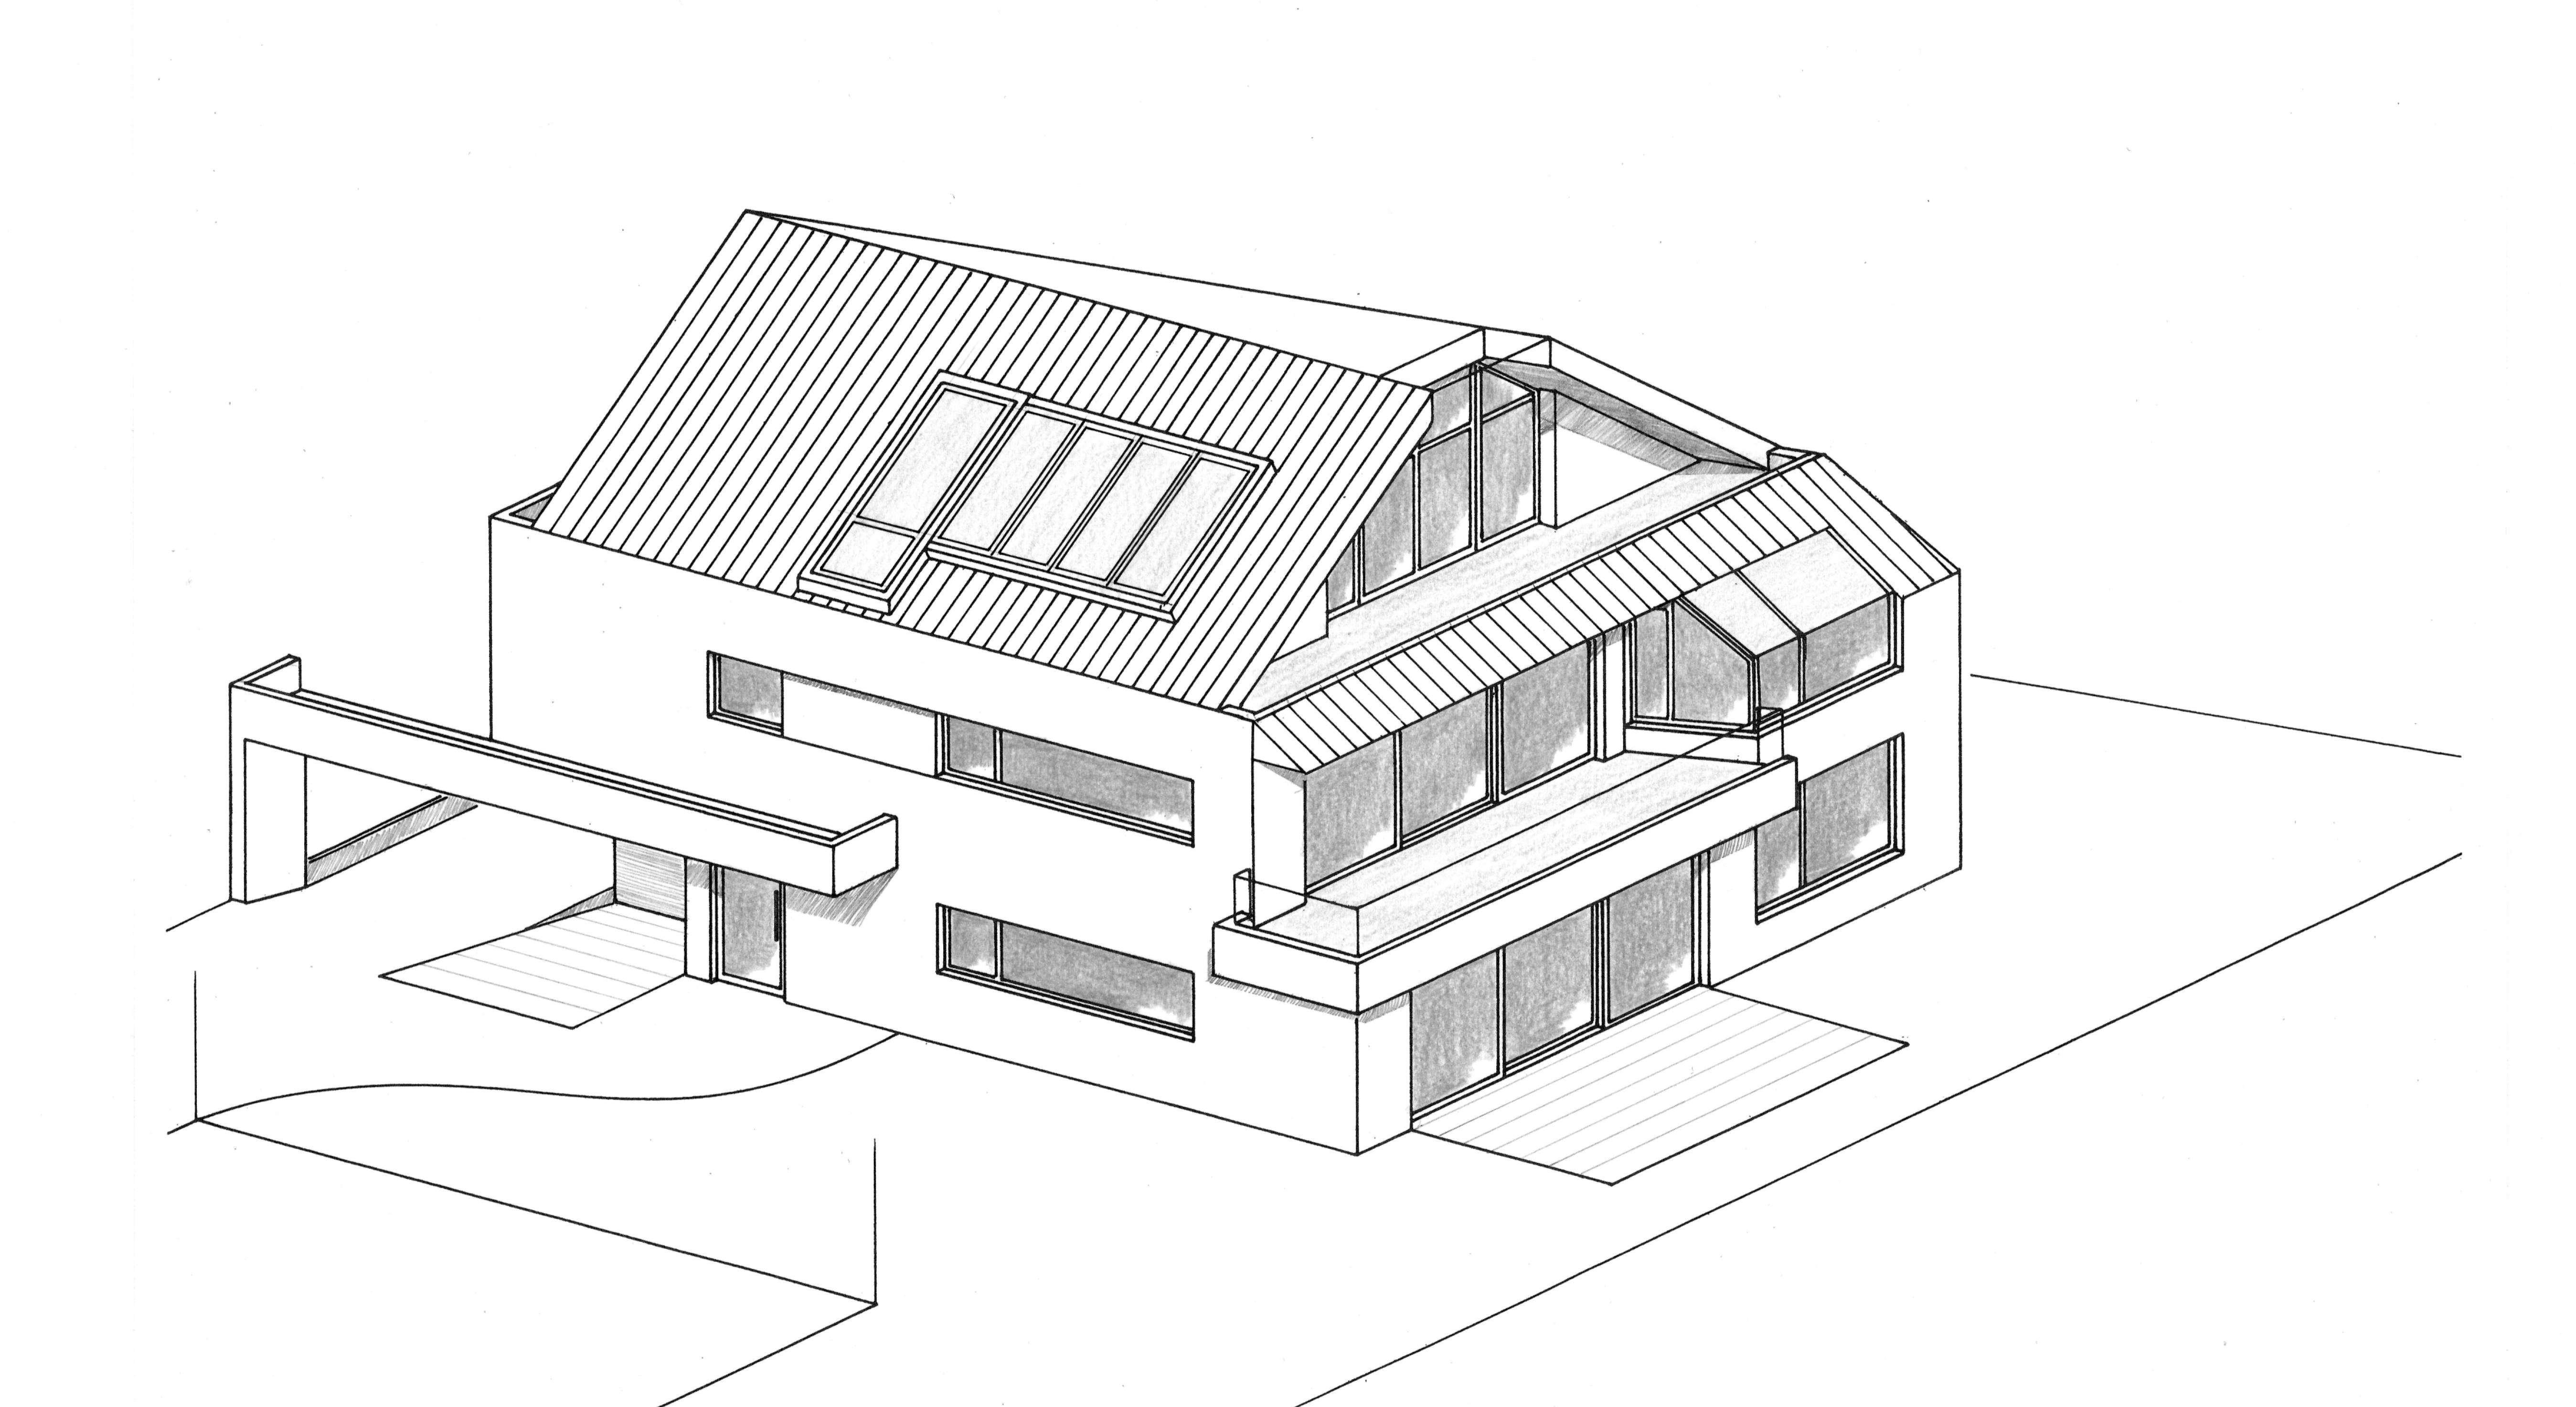 Elegante Etagenwohnung + Architektur mit starkem Ausdruck